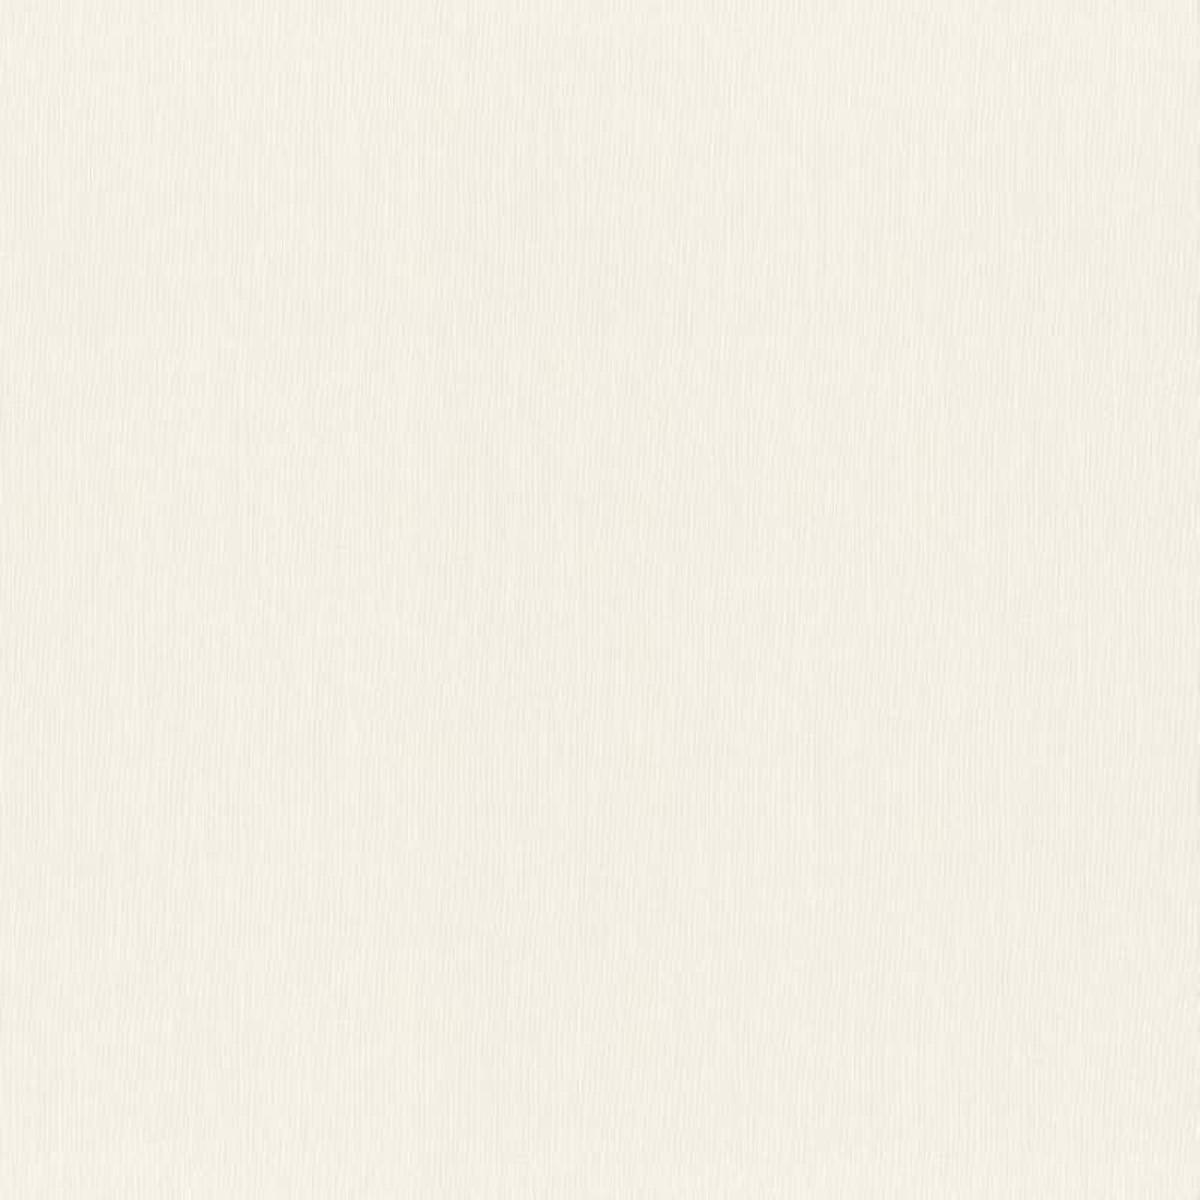 Обои флизелиновые Rasch Art Nouveau 2020 бежевые 1.06 м 958331